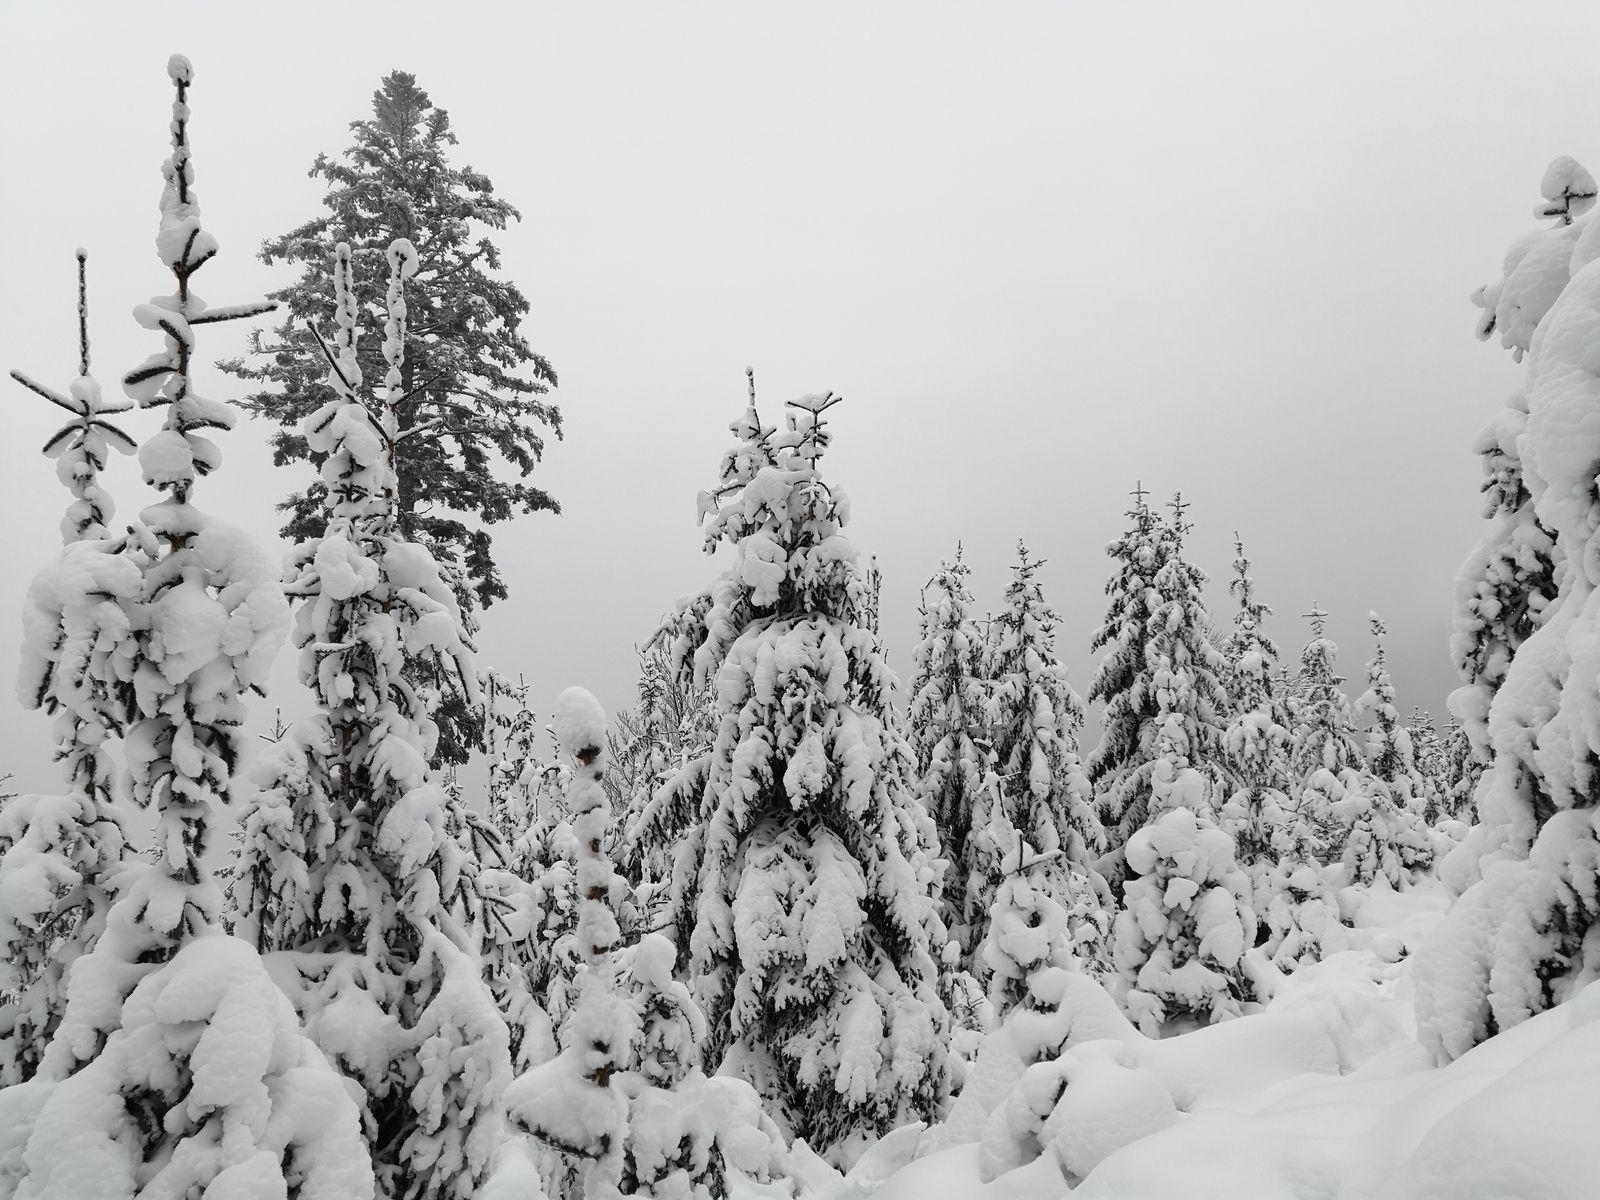 Quel beau spectacle que nous offre le Roi des forêts recouvert de son manteau blanc.